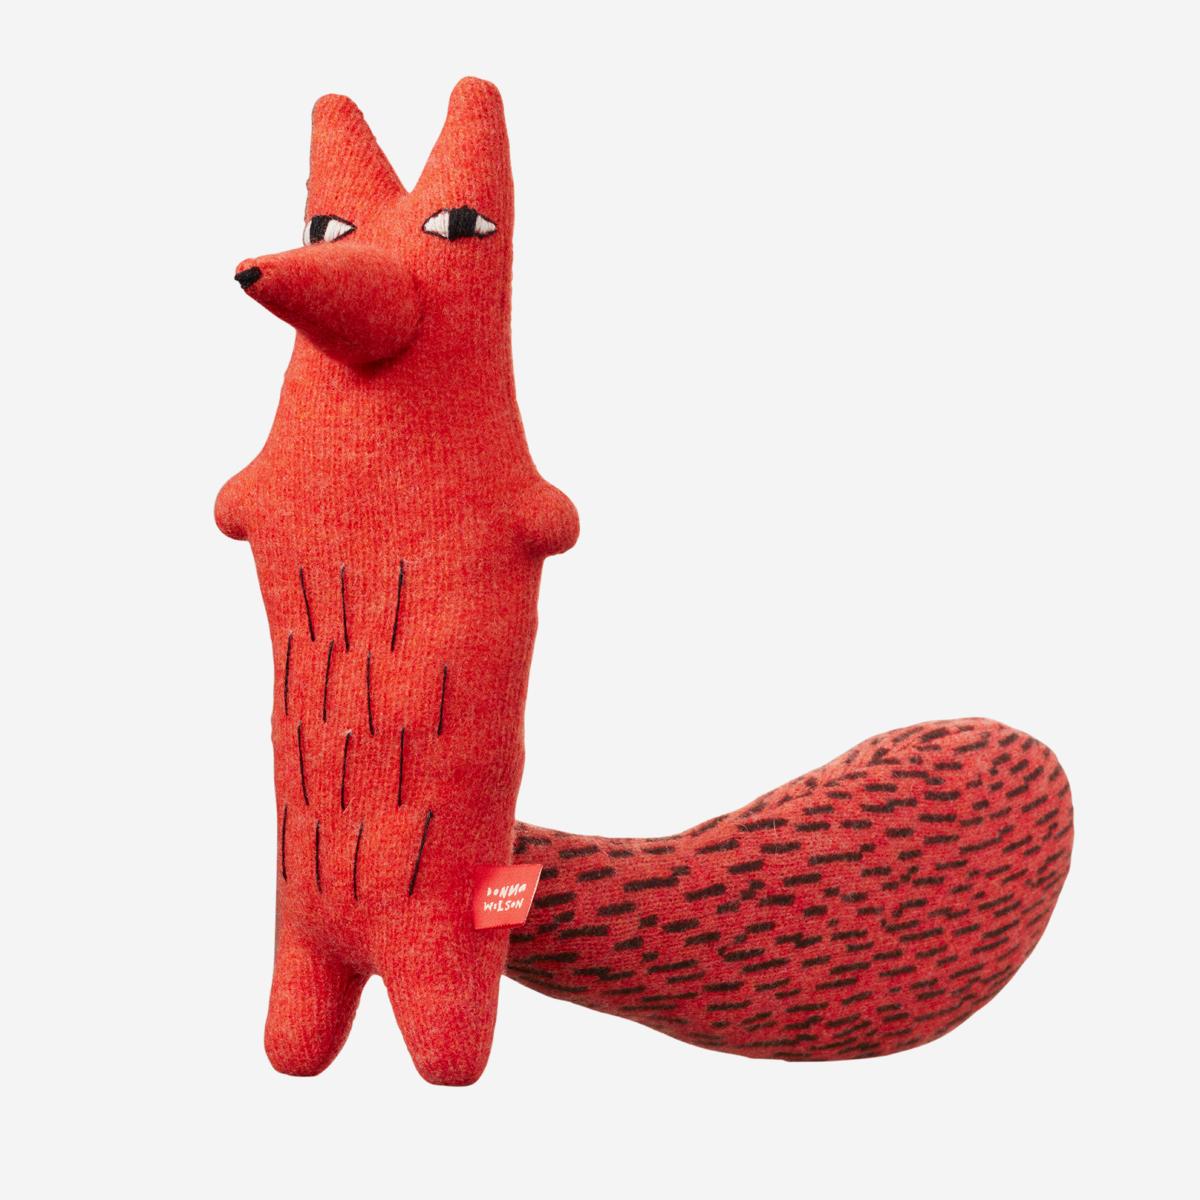 rikiki. grafik & produkt ·   Cyril Squirrel Fox Kuschel-Creature